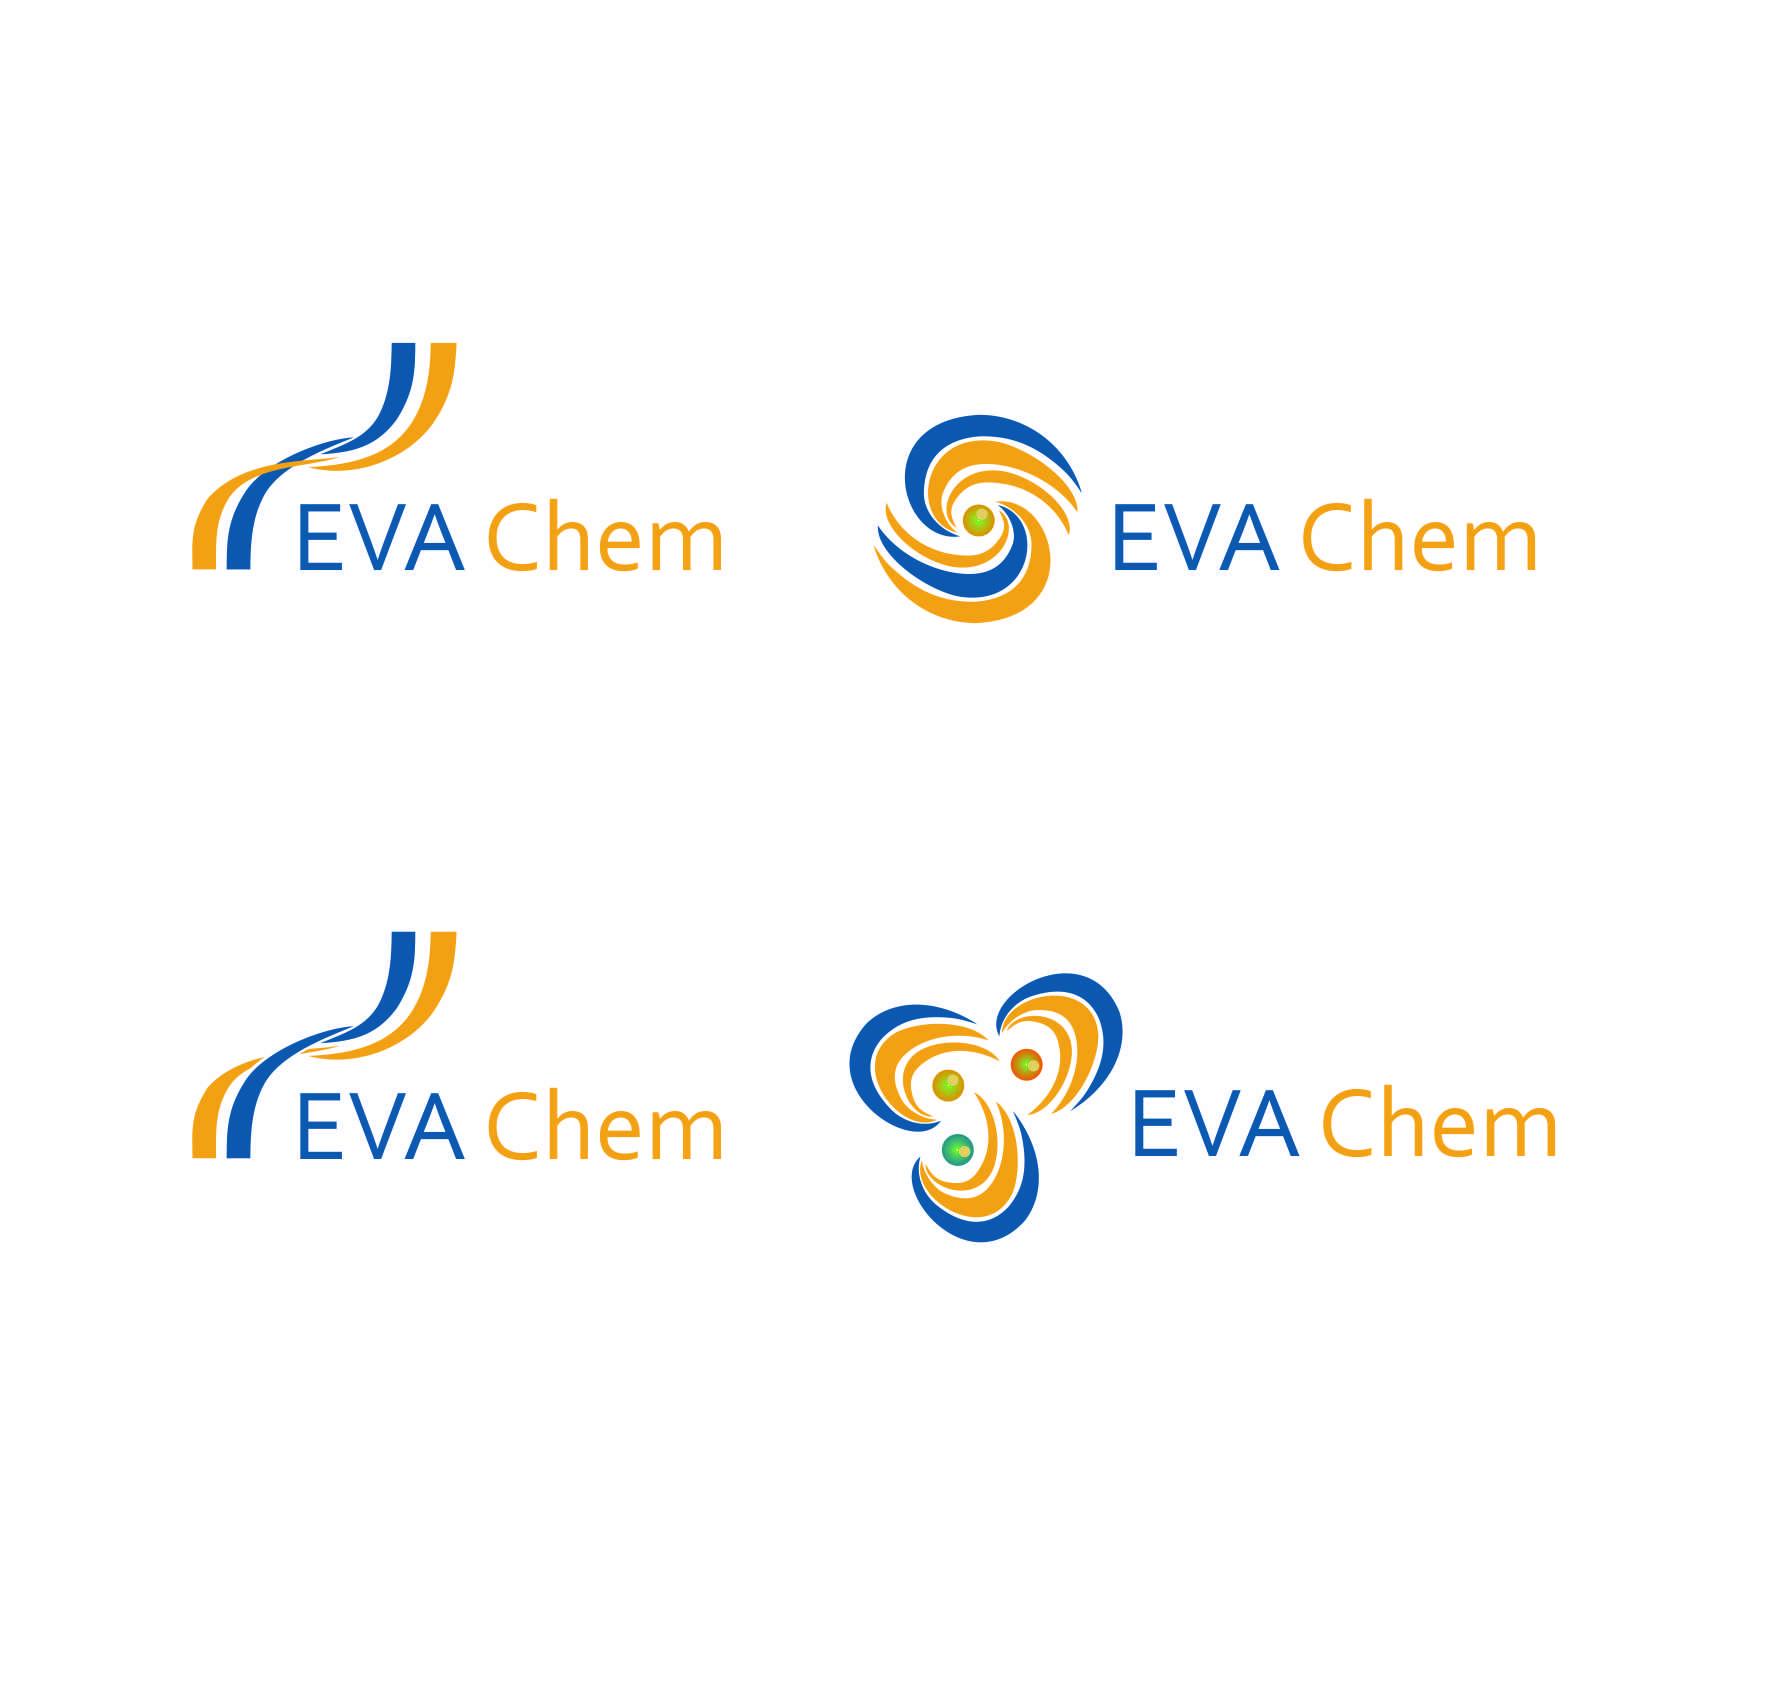 Разработка логотипа и фирменного стиля компании фото f_6235729e922c7ec1.jpg